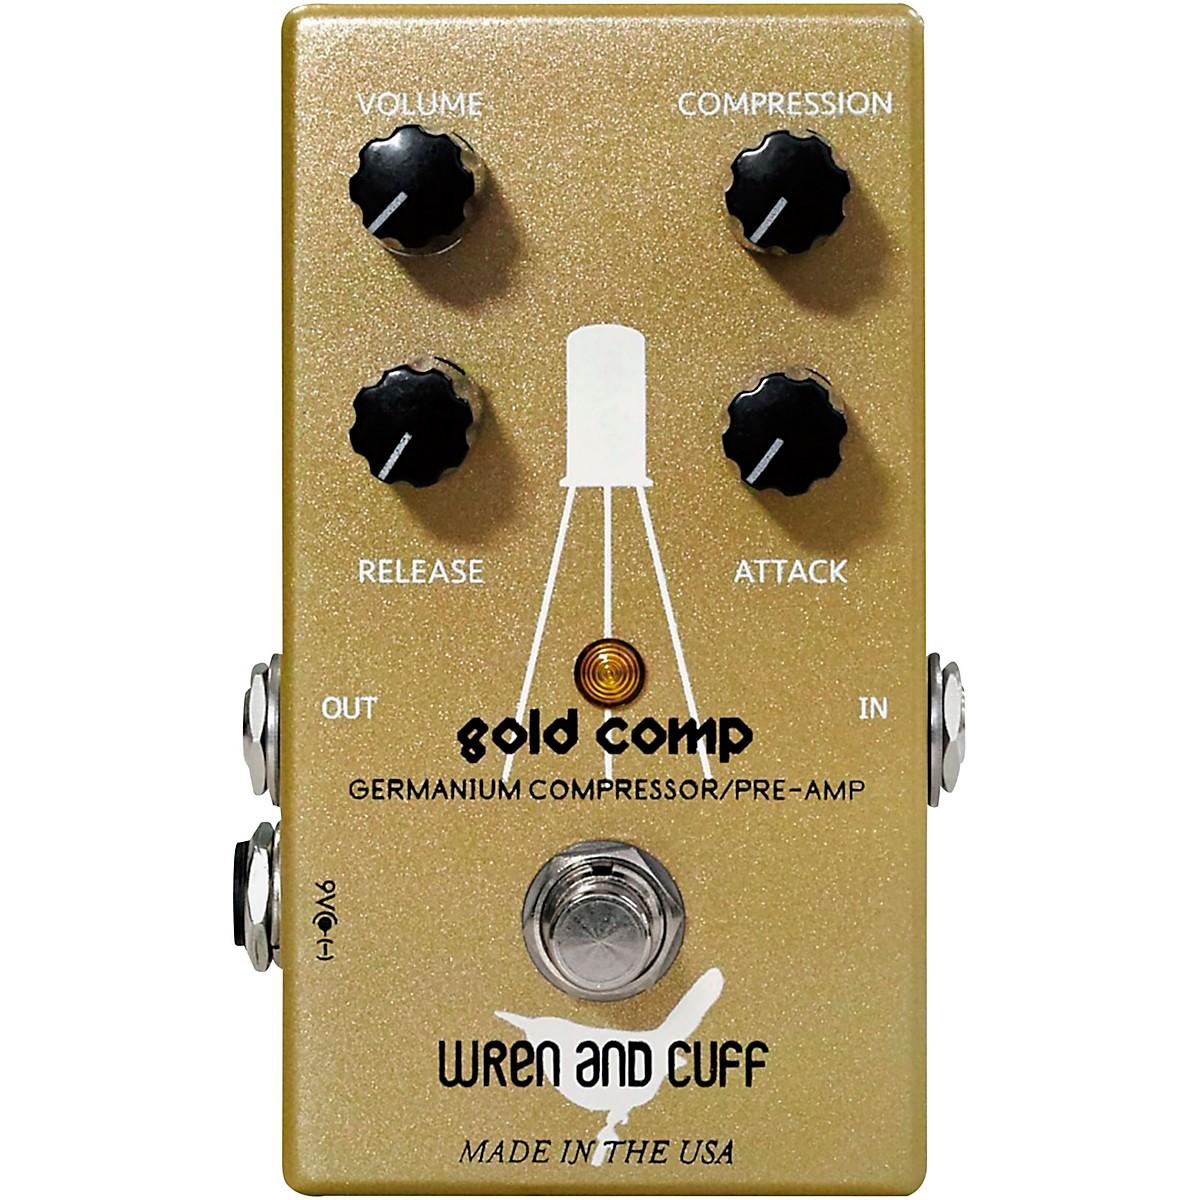 Wren And Cuff Gold Comp Germanium Compressor/Pre-Amp Effects Pedal